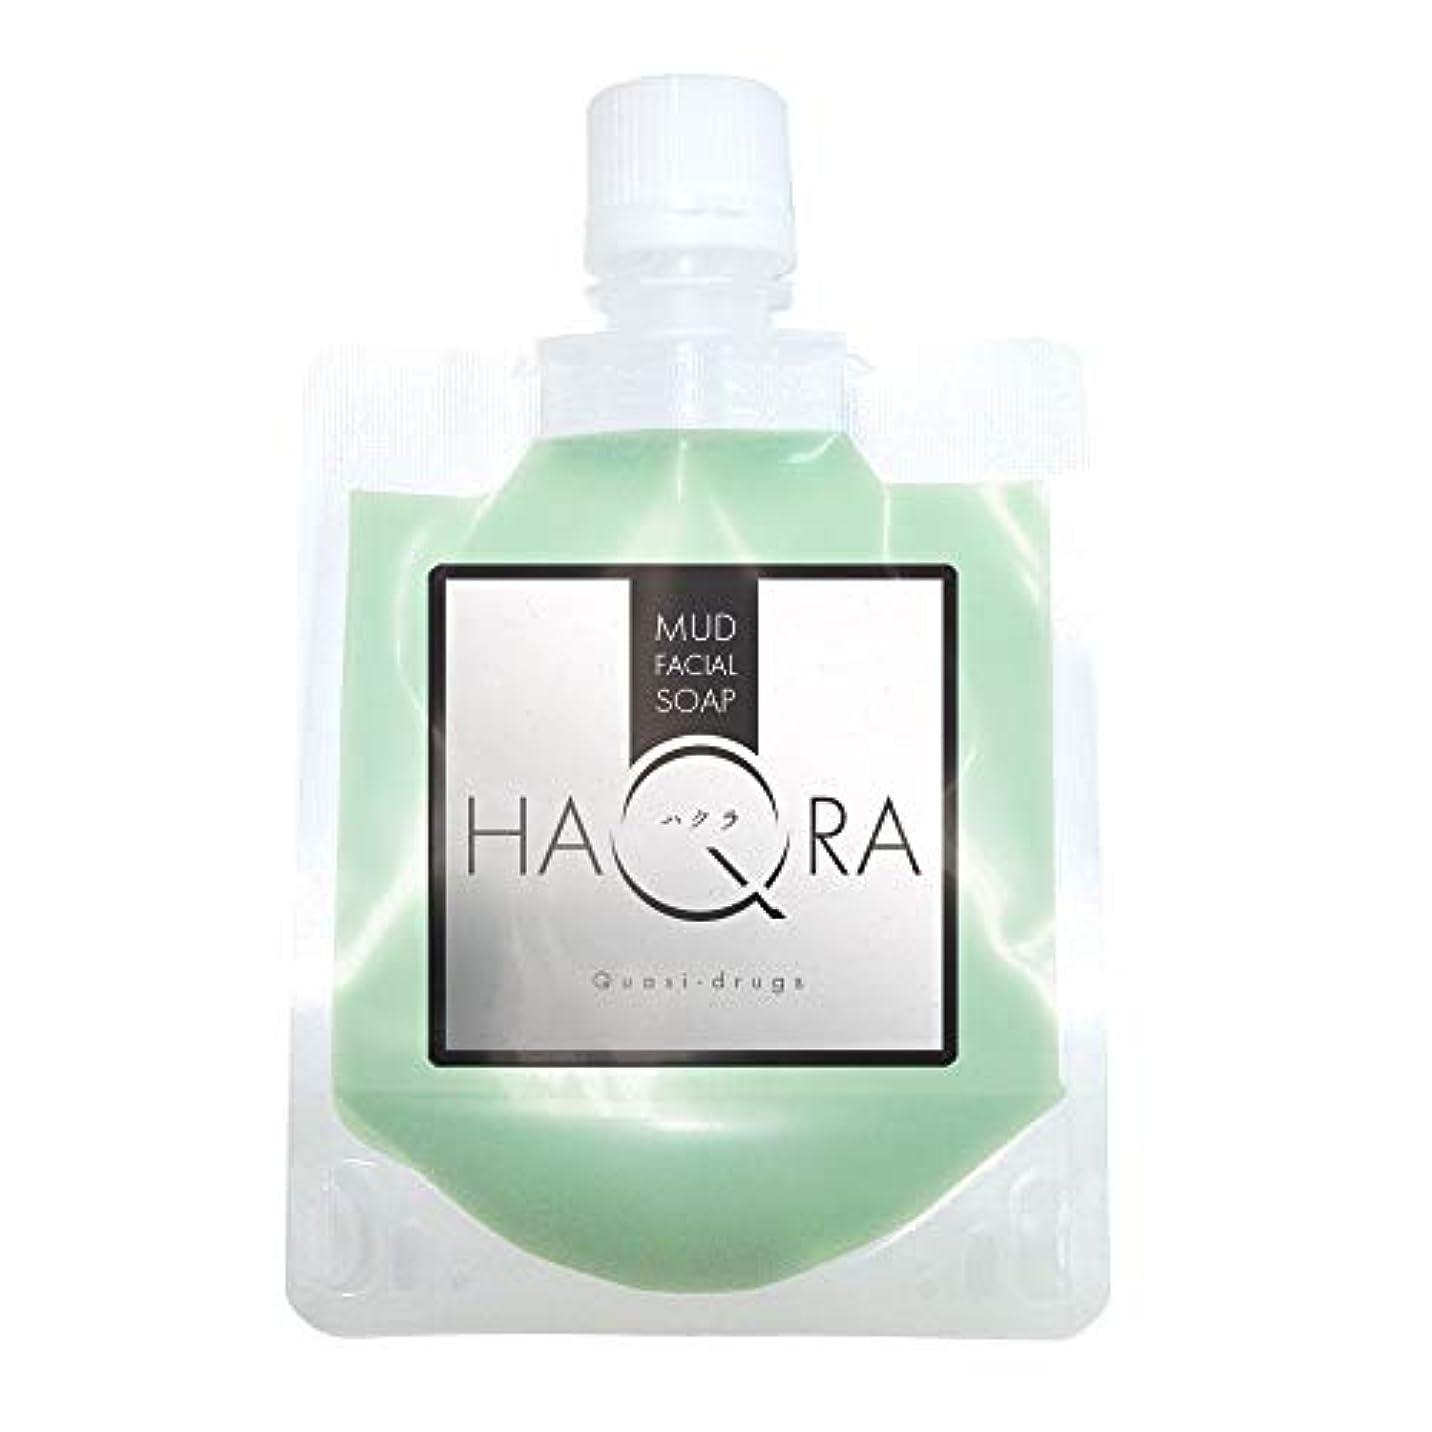 ファックス機械的神秘的なハクラ HAQRA クレイ洗顔 泥洗顔 石鹸 石けん